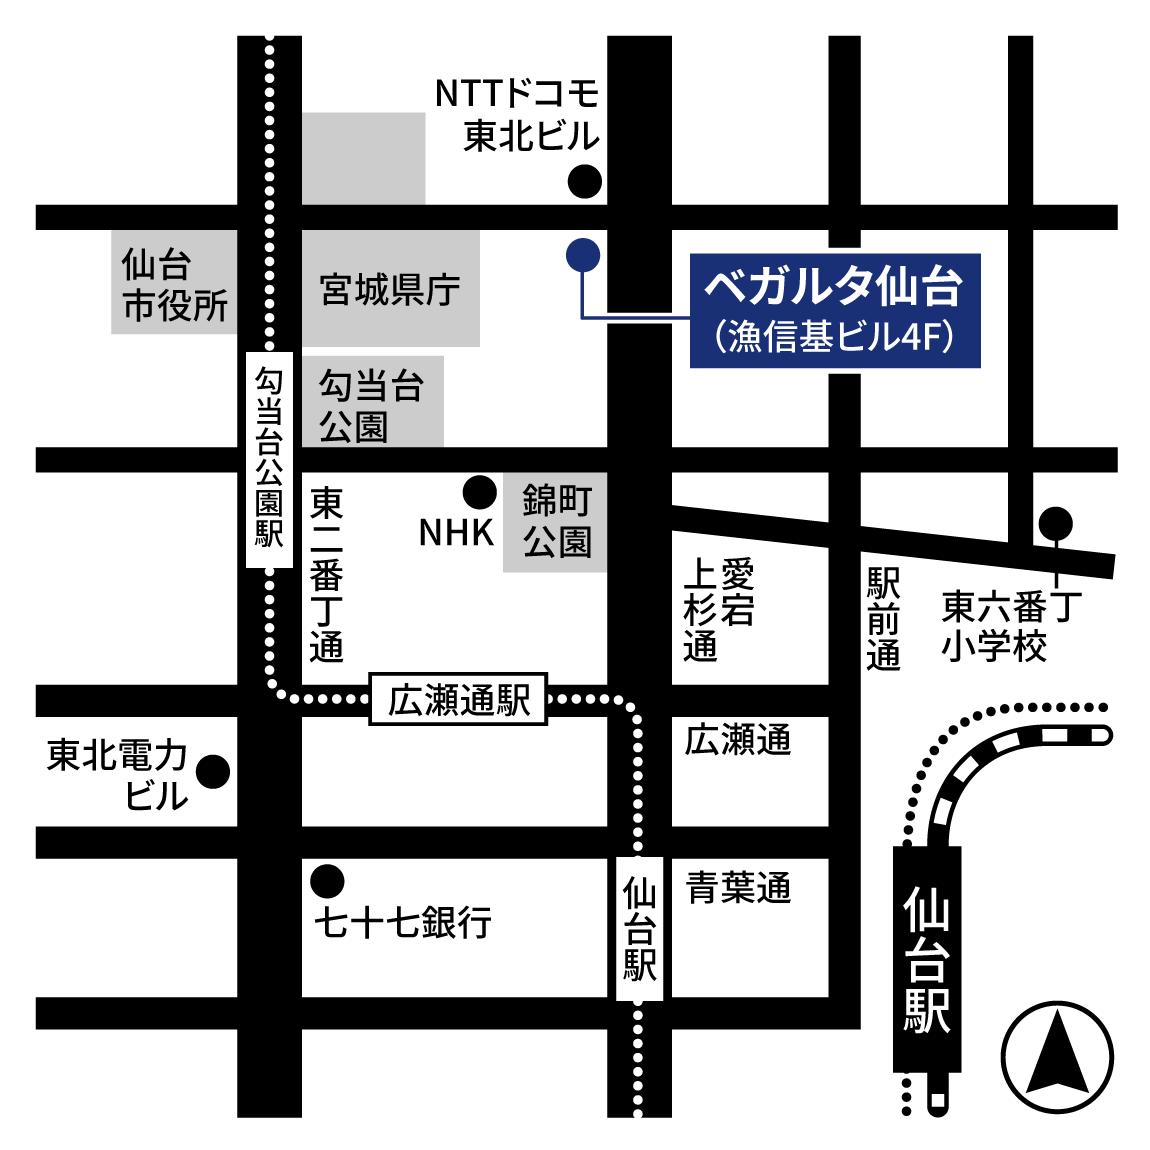 藤崎 閉店 クラブ